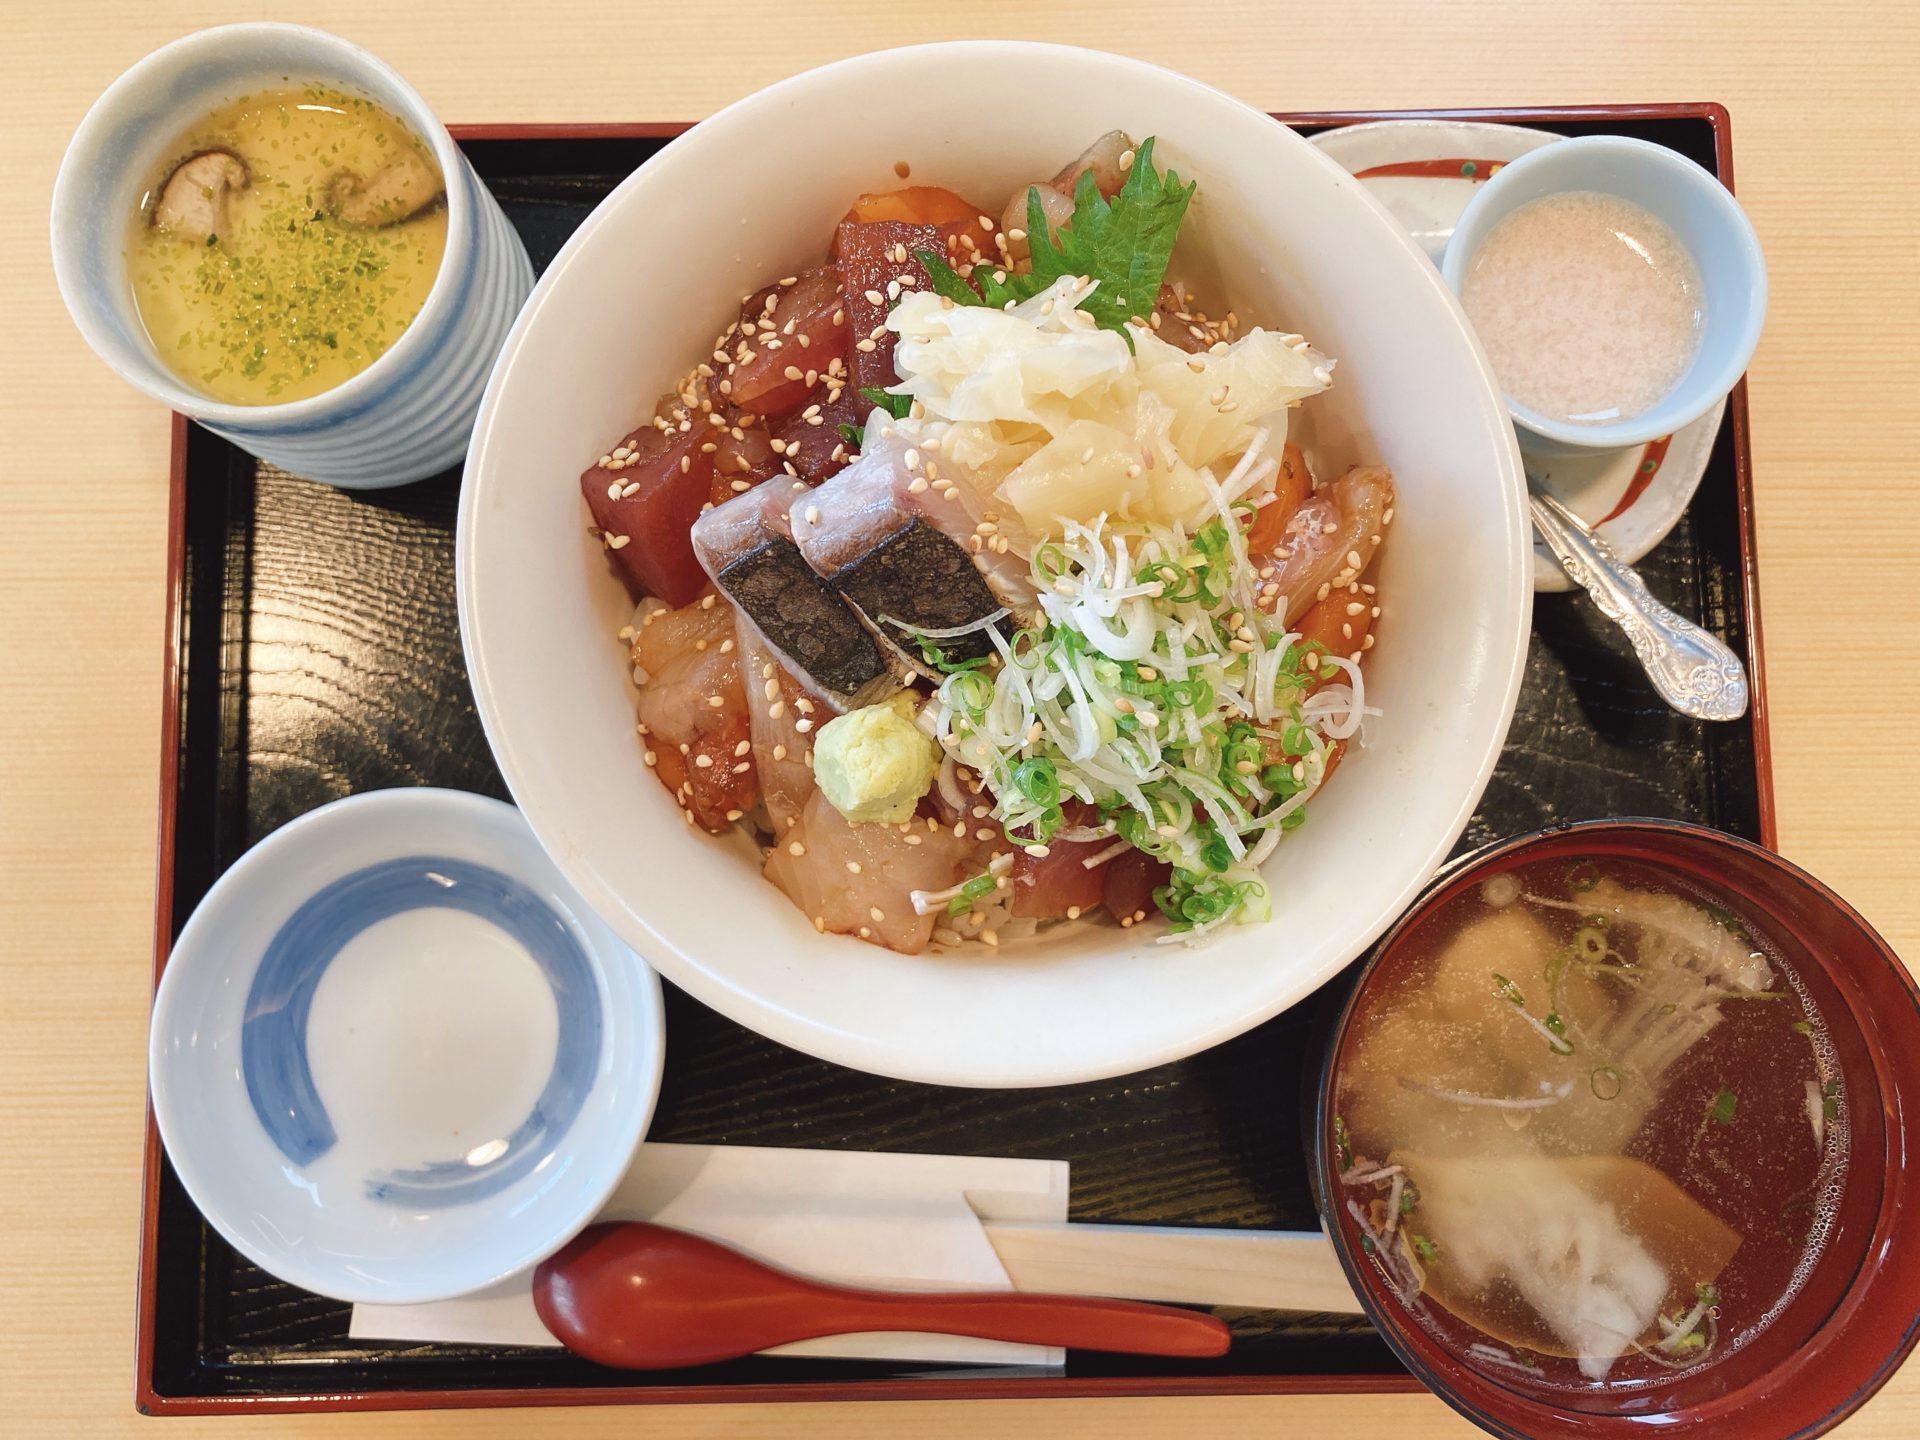 青江交差点東スグ 海鮮料理の店【海一(うみいち)】にて名物の海鮮丼「海一丼」を頂き、魚の量の多さに驚きつつ味にも大満足!